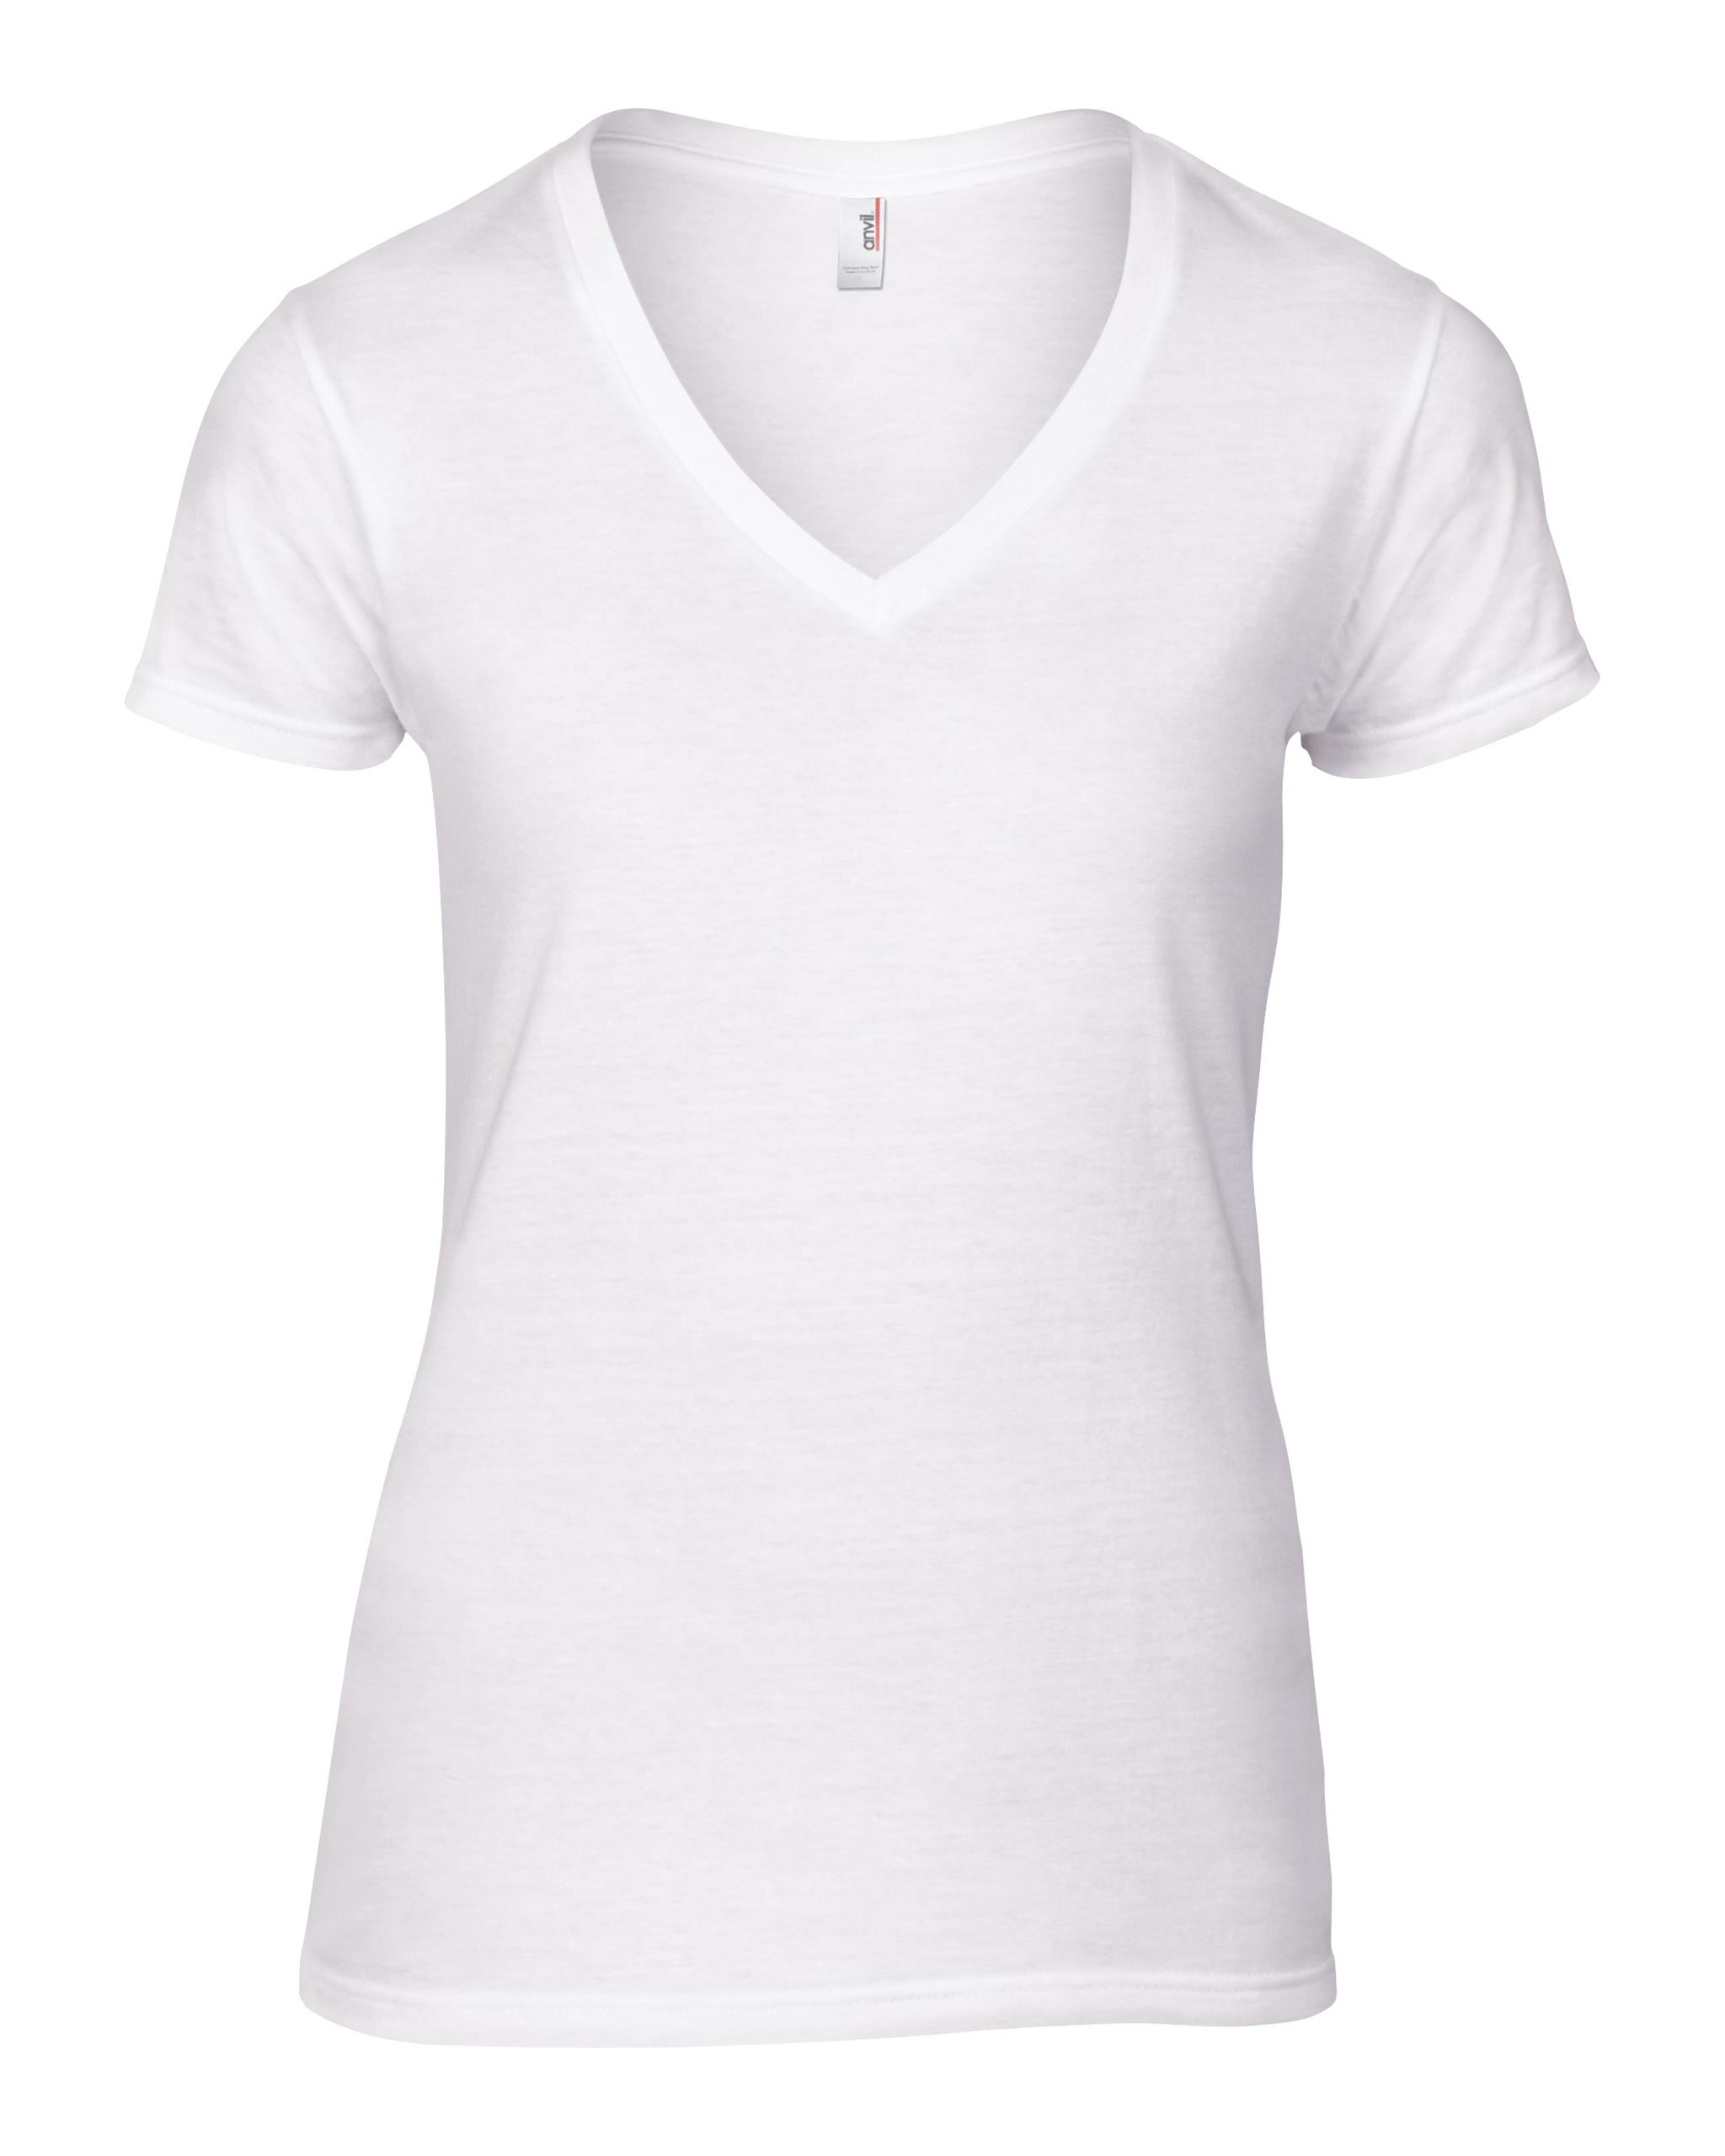 New anvil womens v neck tee ladies short sleeved basic t for Best v neck t shirts